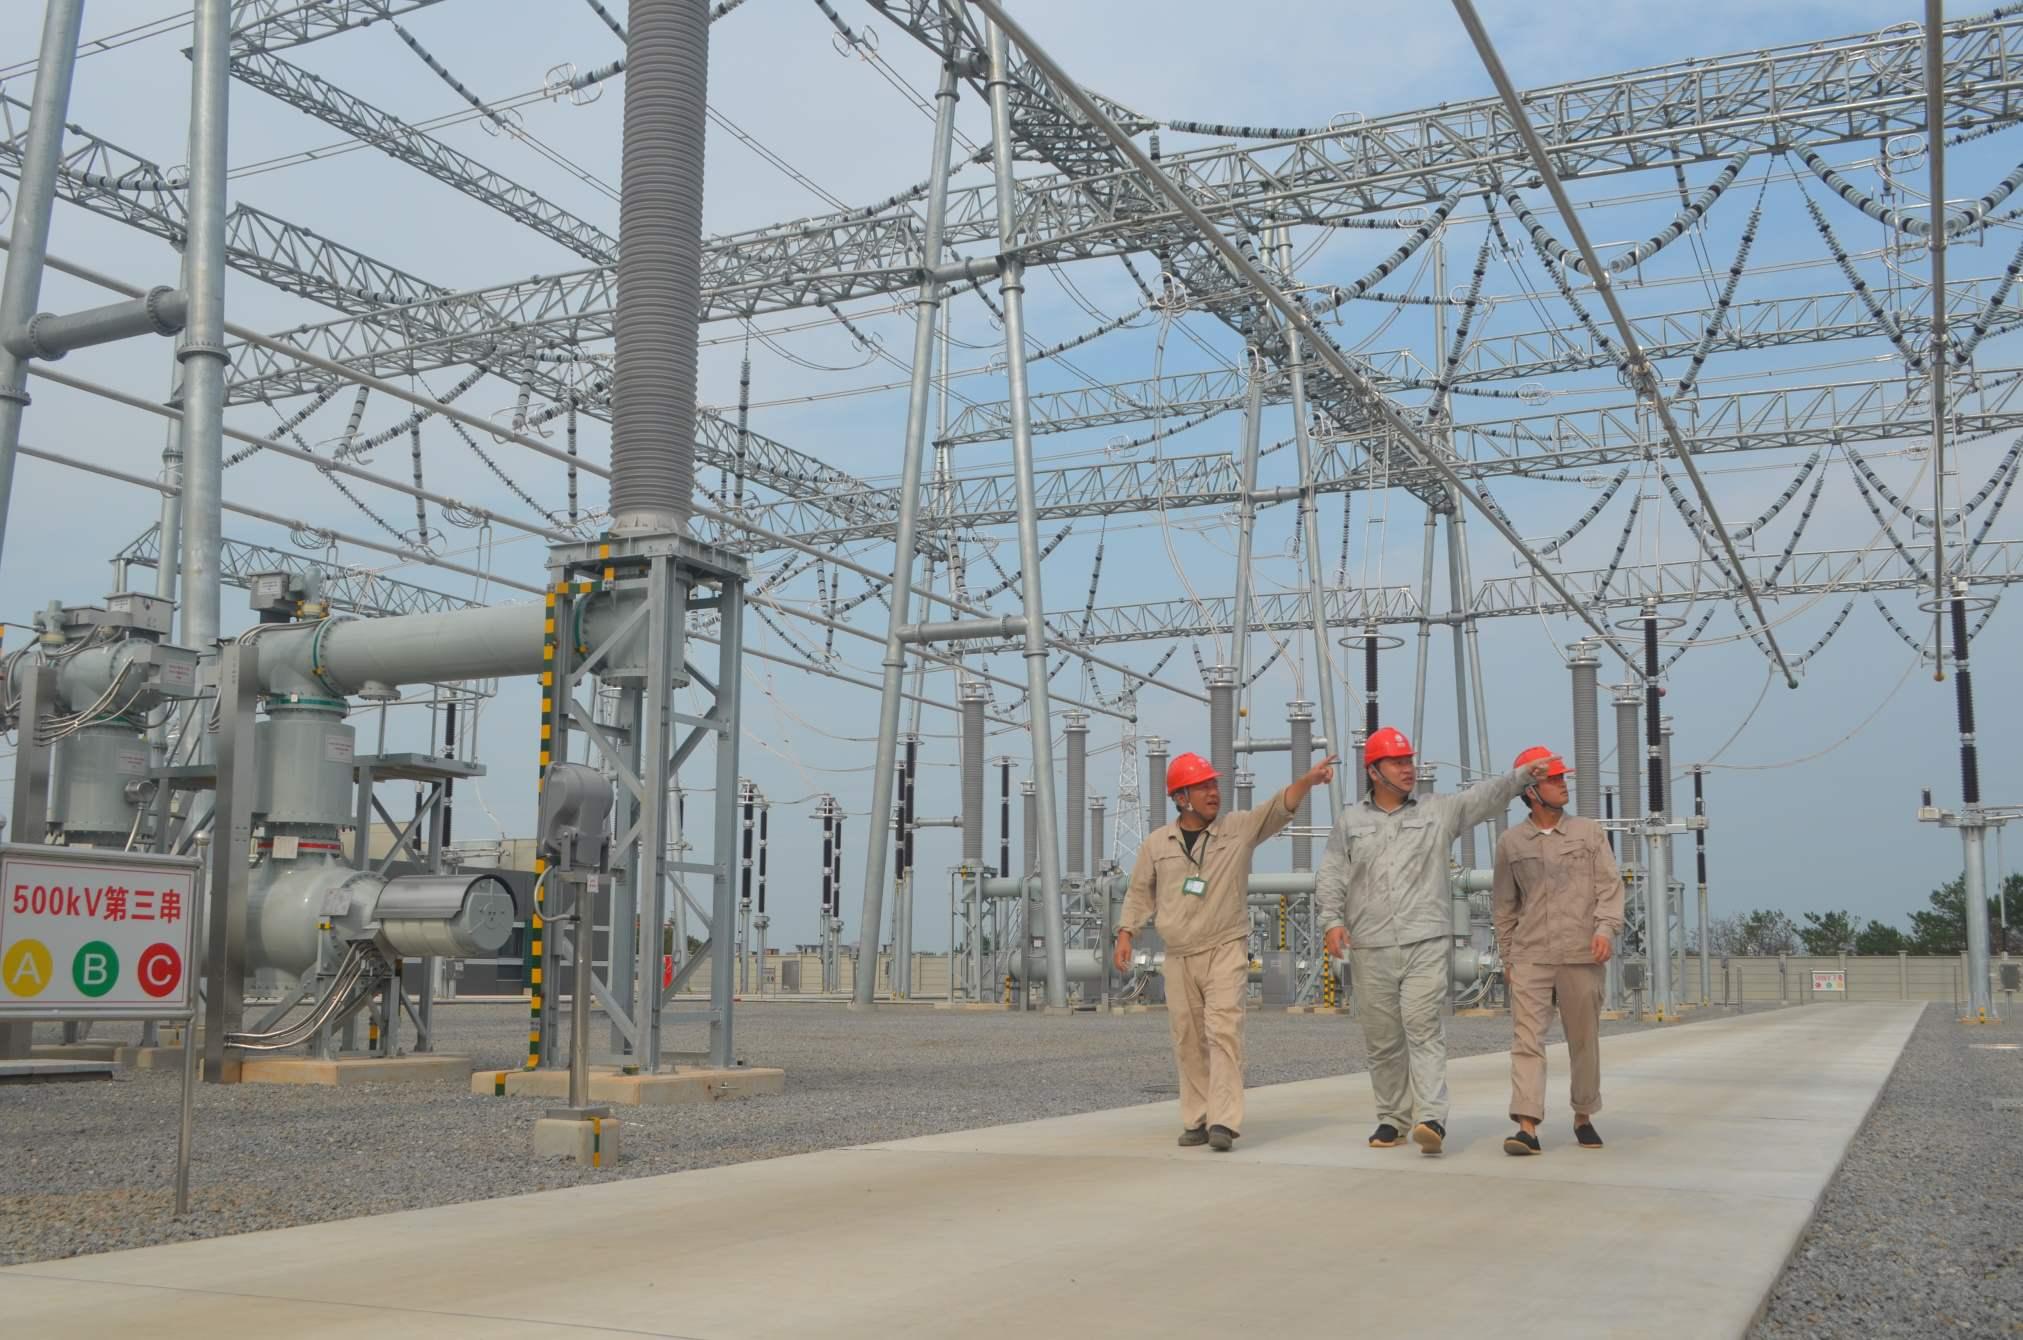 输变电工程专业承包资质可承接工程范围有哪些?